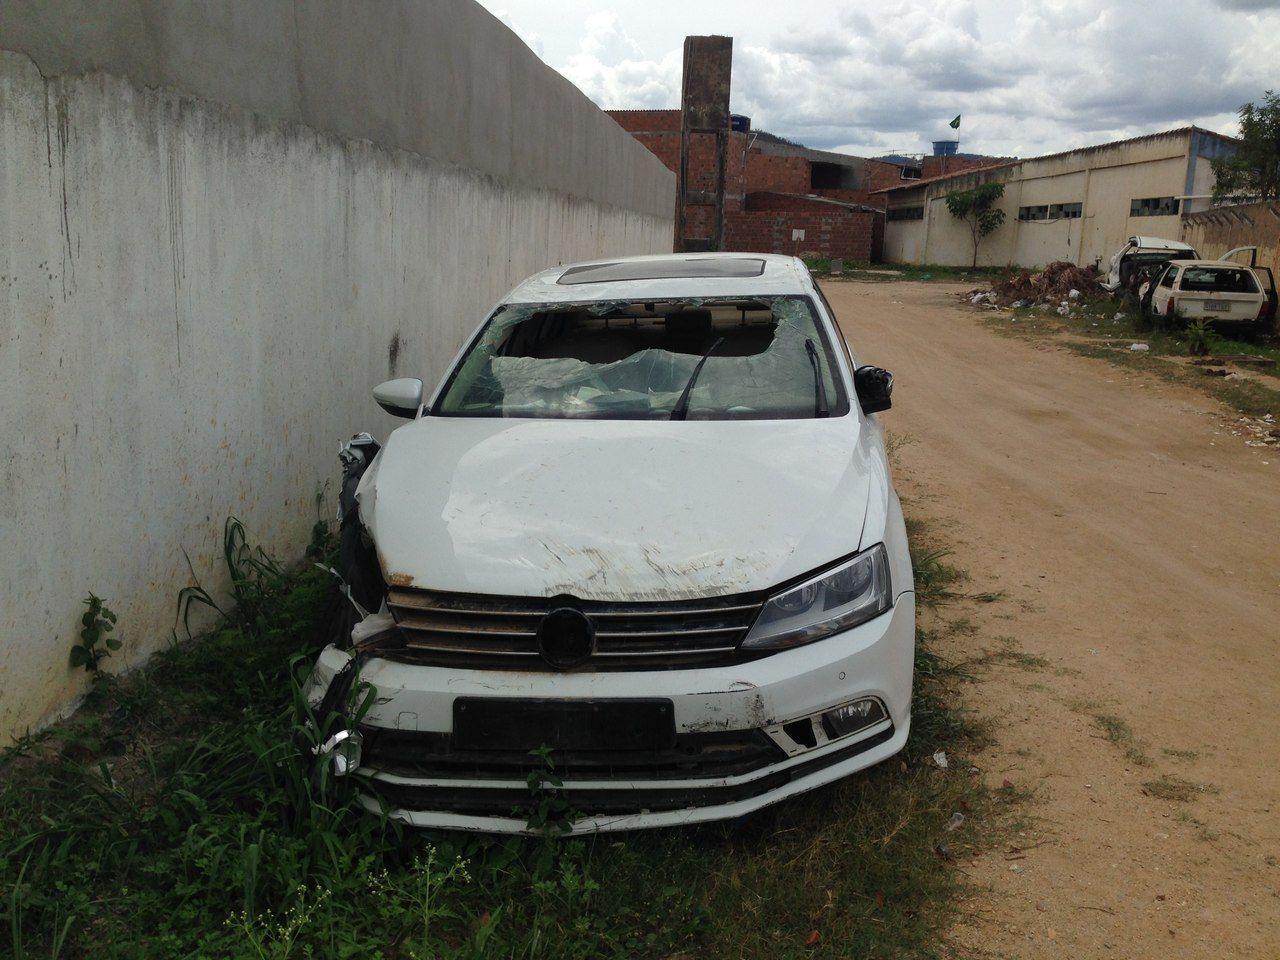 Vítima foi atacada e arrastada para um veículo abandonado que está sob custódia do Estado e fica ao lado da delegacia Foto: Cortesia